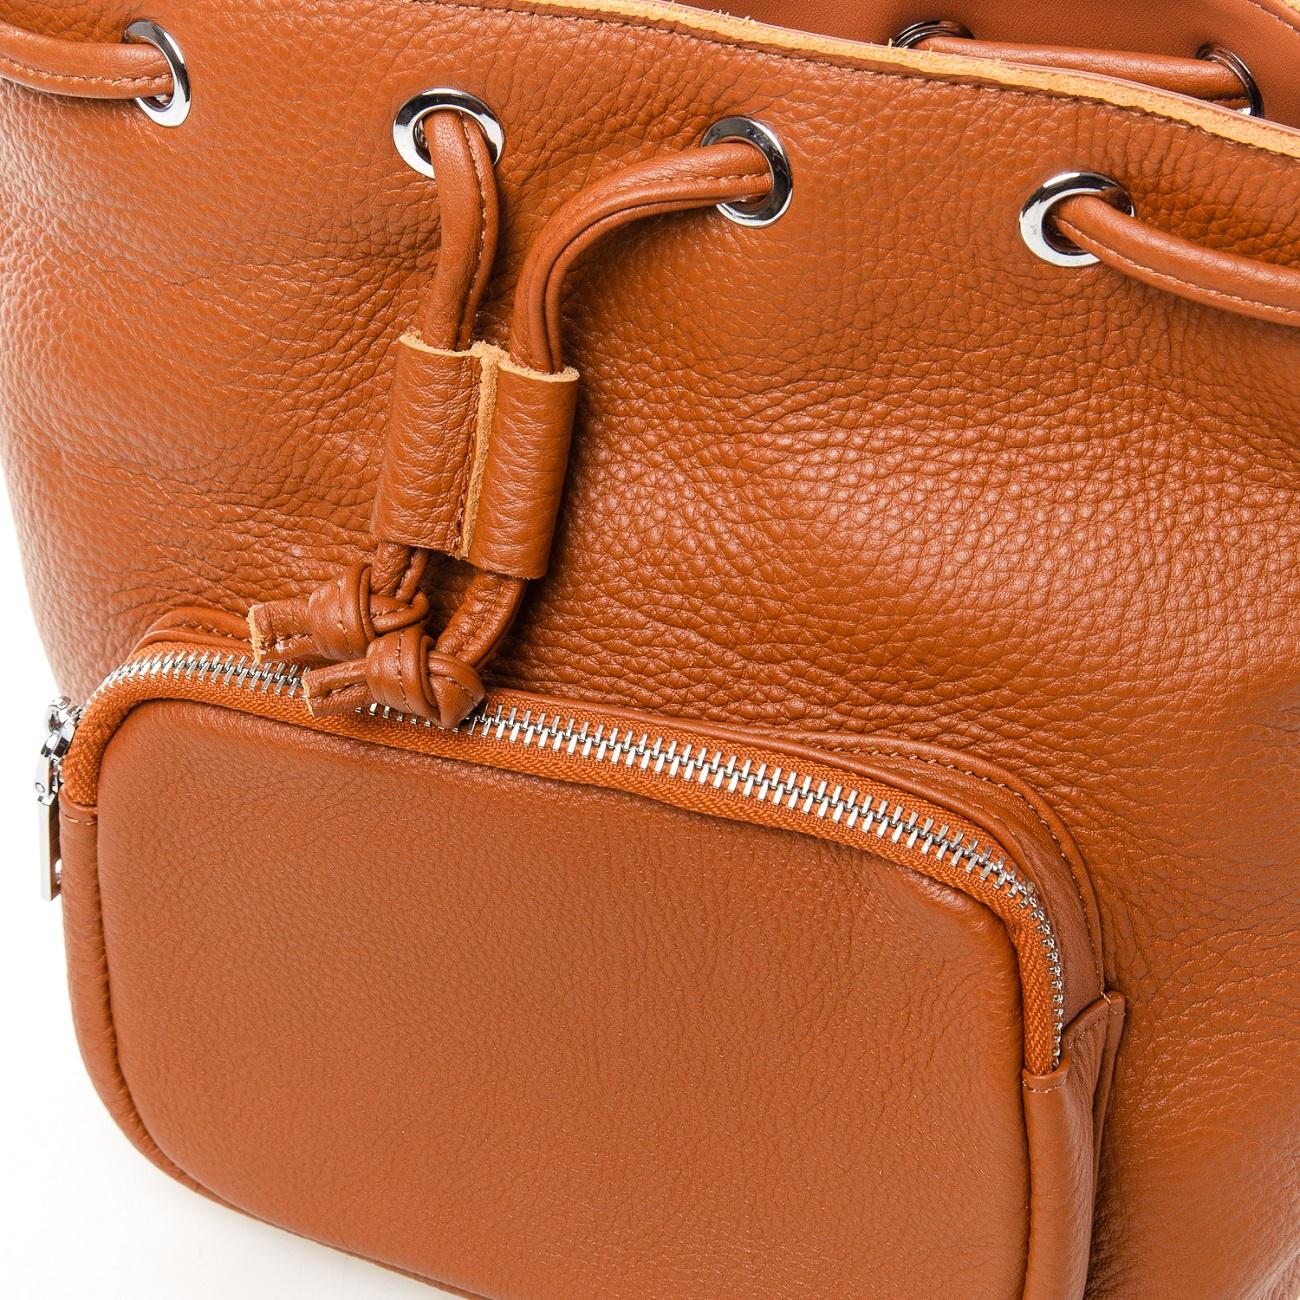 Сумка Женская Классическая кожа ALEX RAI 7-01 7110 khaki - фото 4